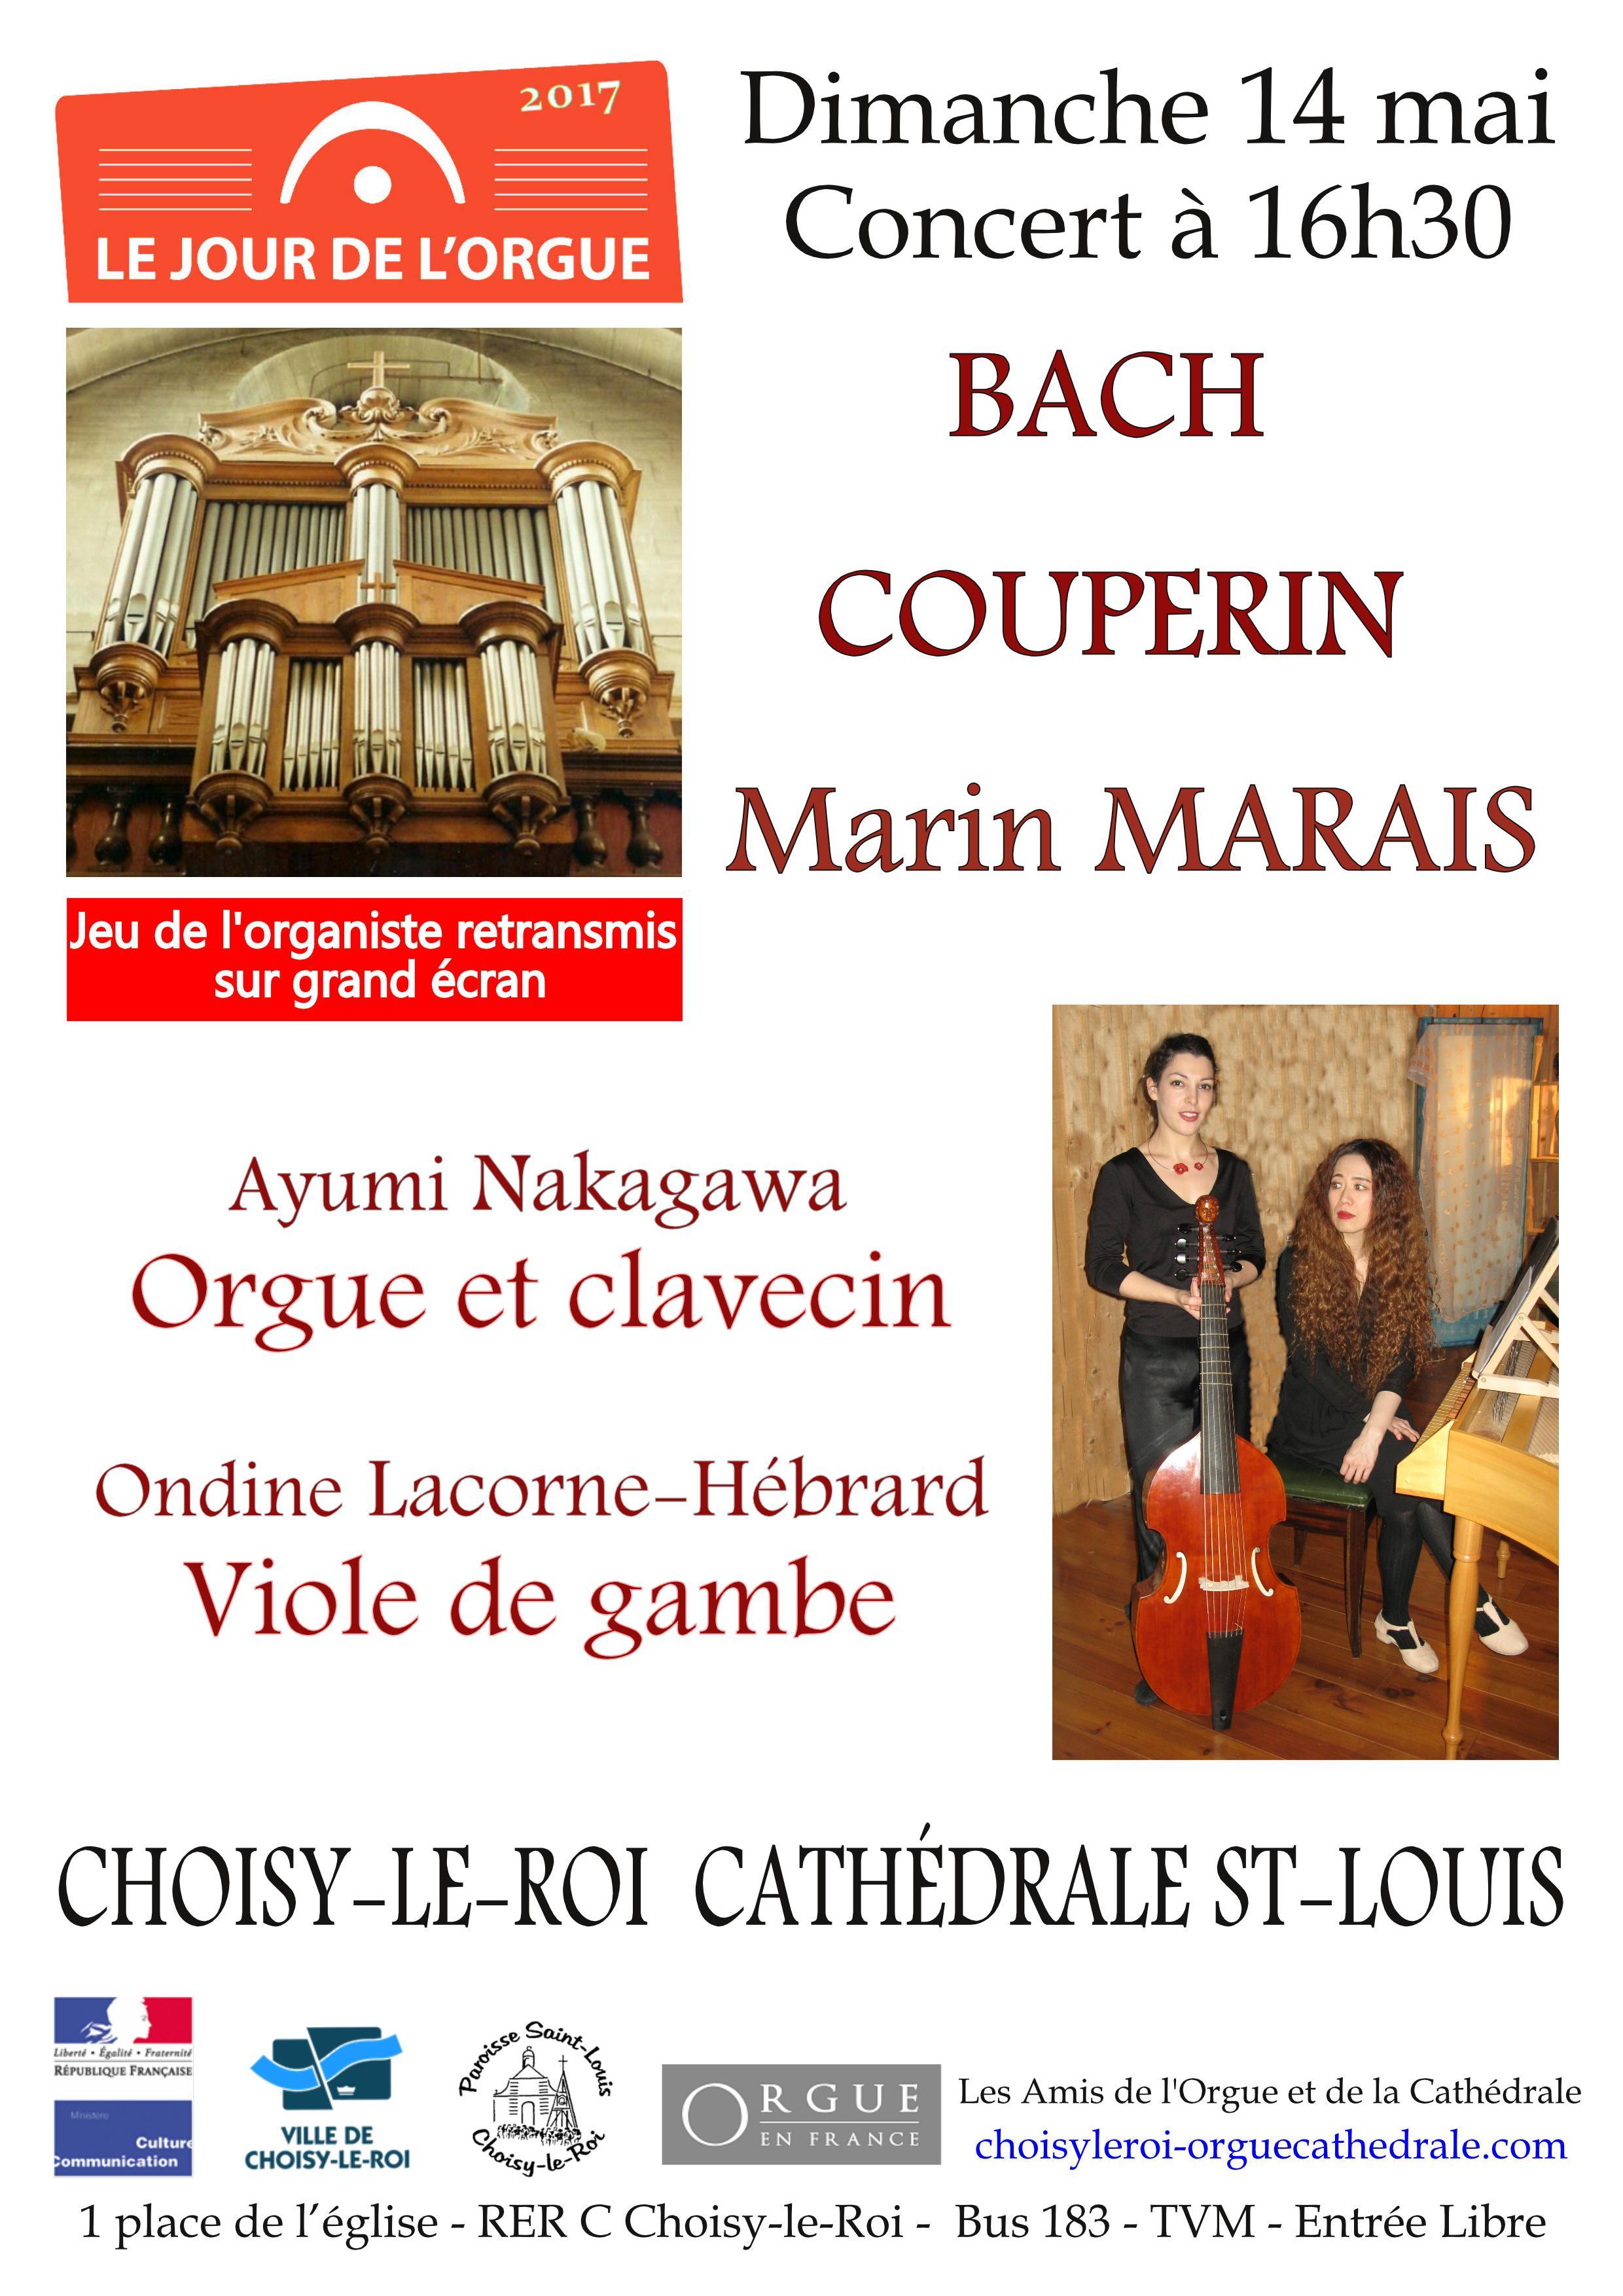 AOC-Choisy.Orgue.Affiche.Concert.2017.05.14